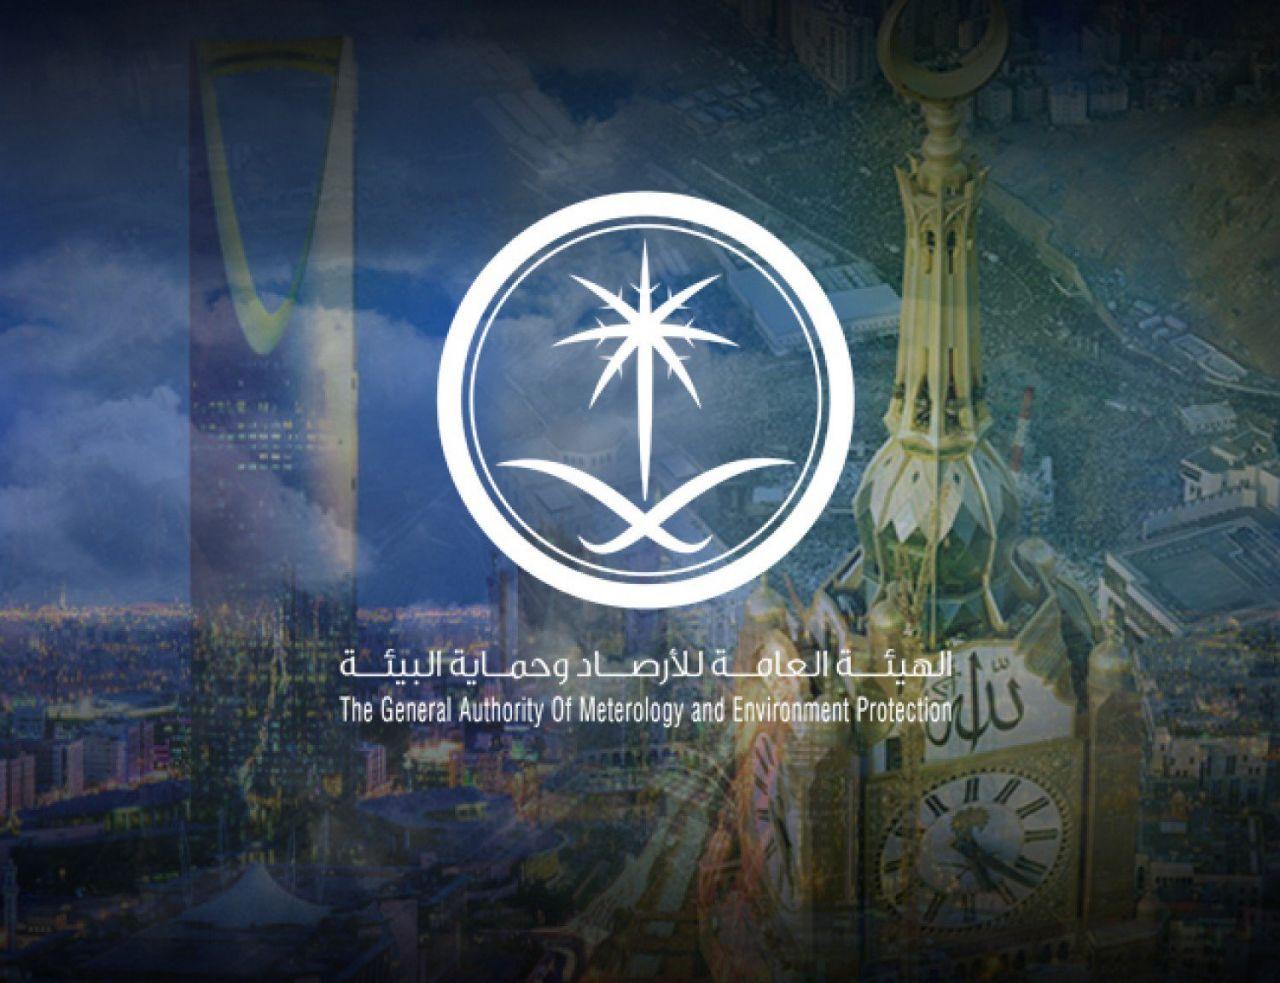 حالة الطقس المتوقعة ليوم الجمعة في المملكة